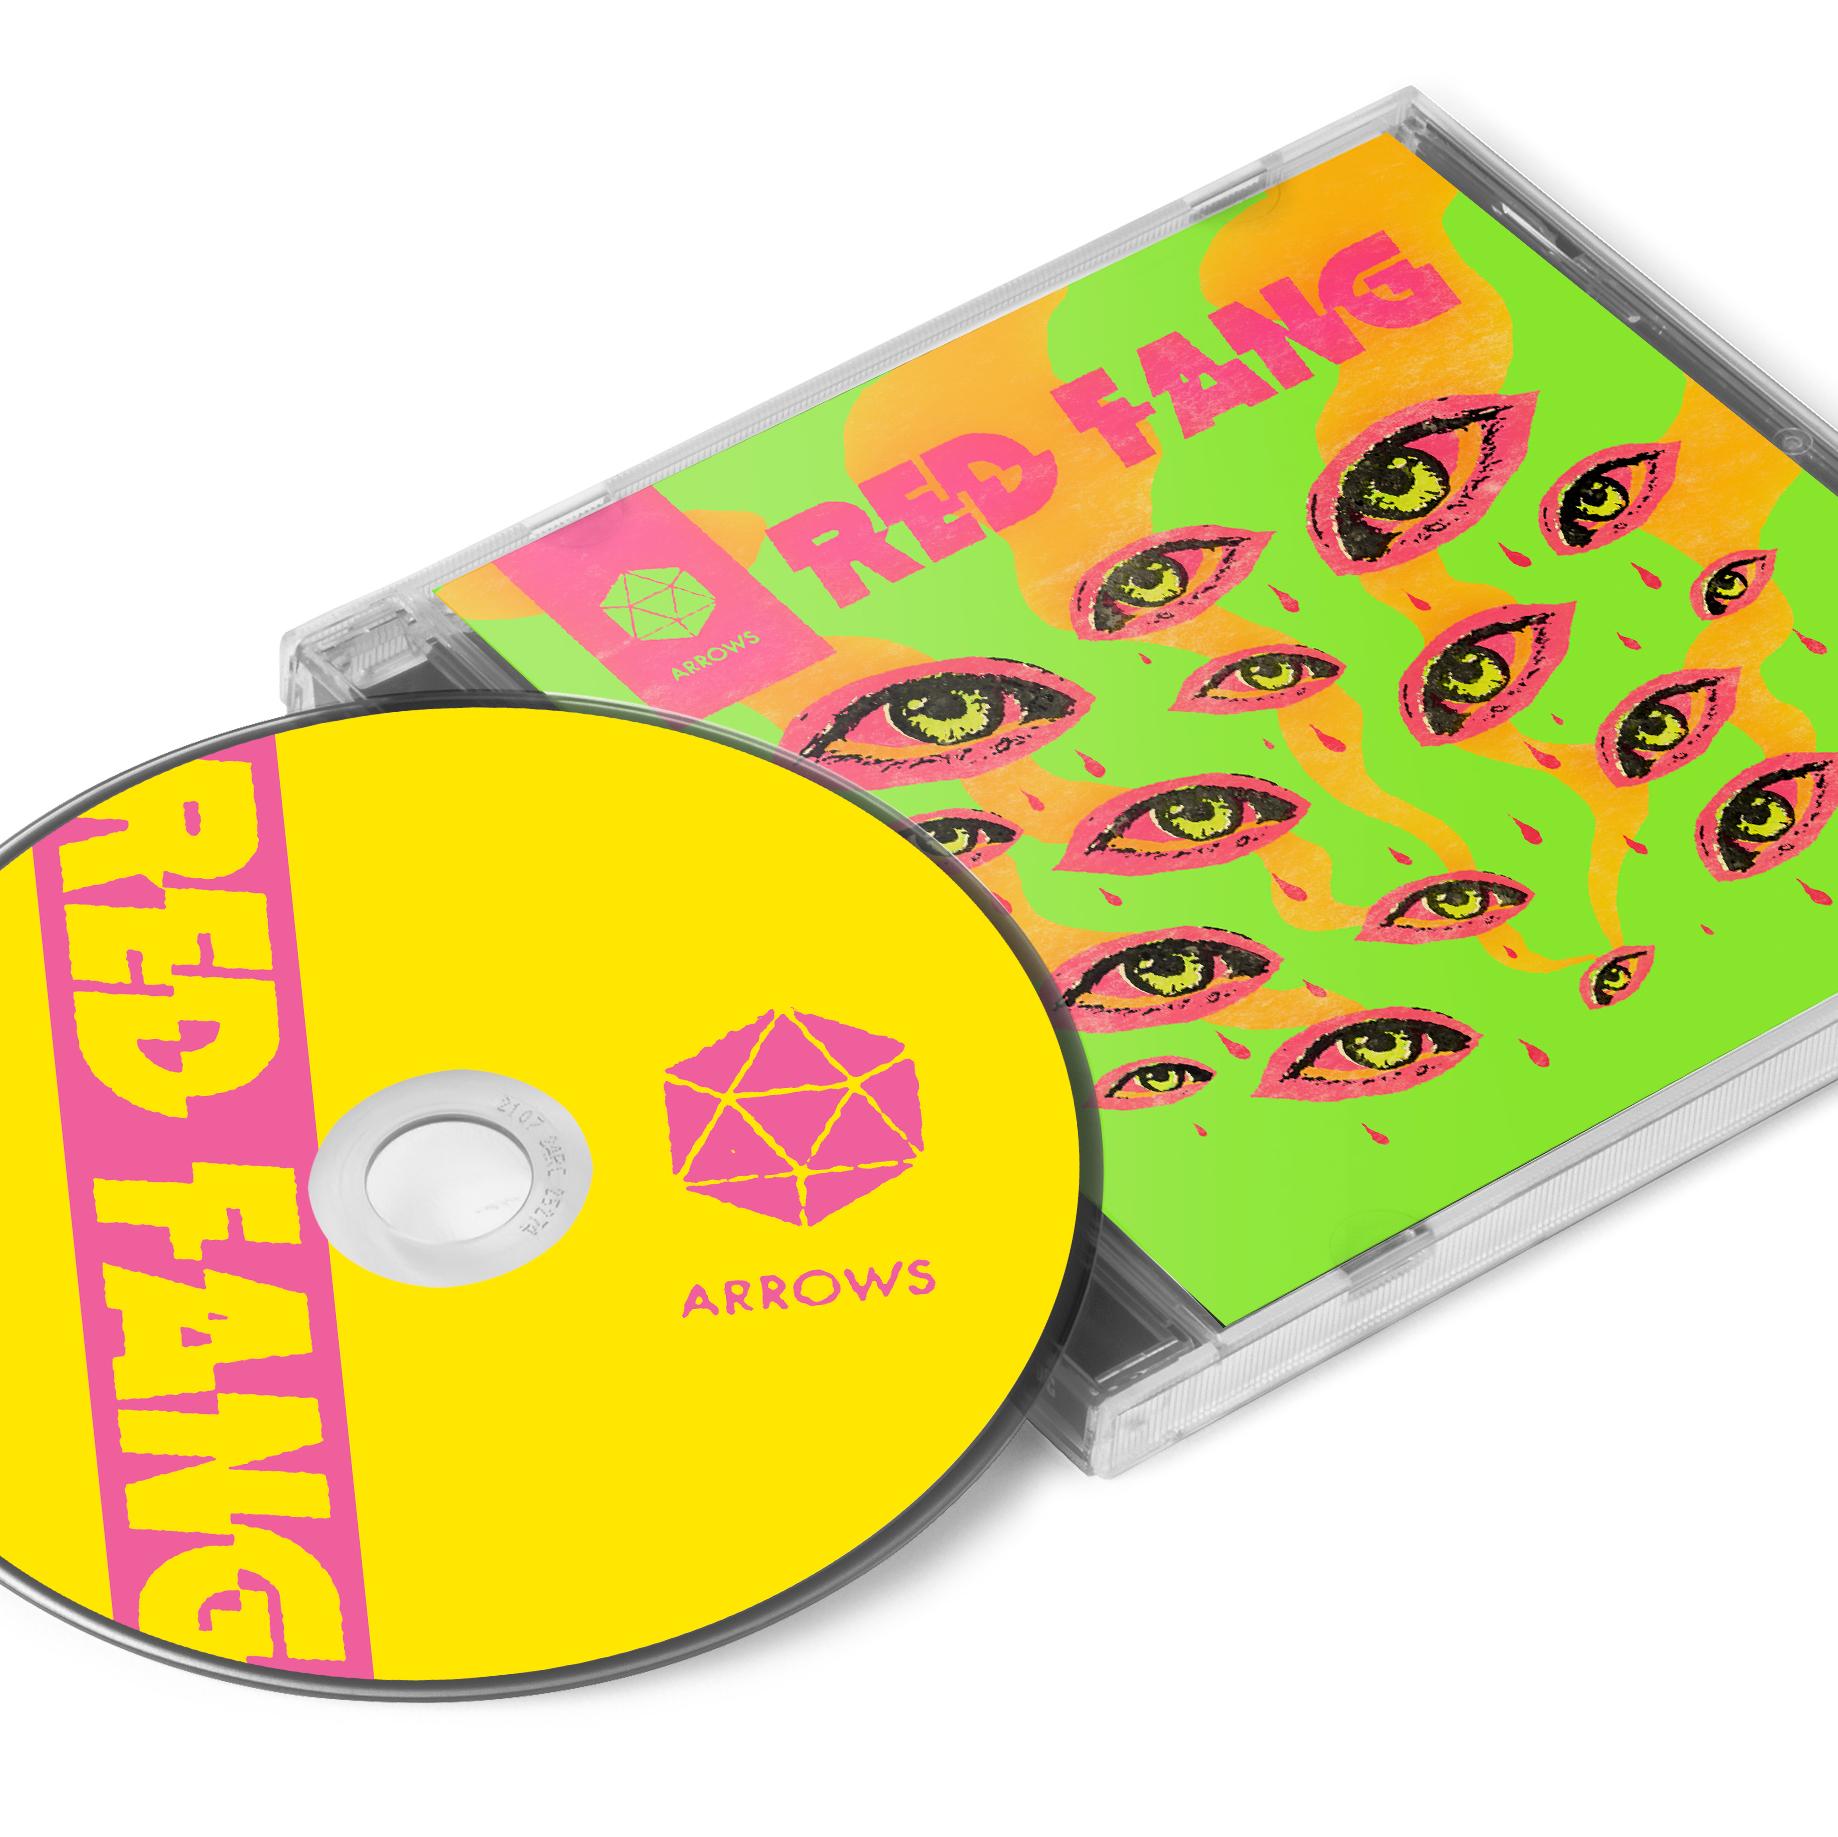 Arrows T Shirt + CD Bundle